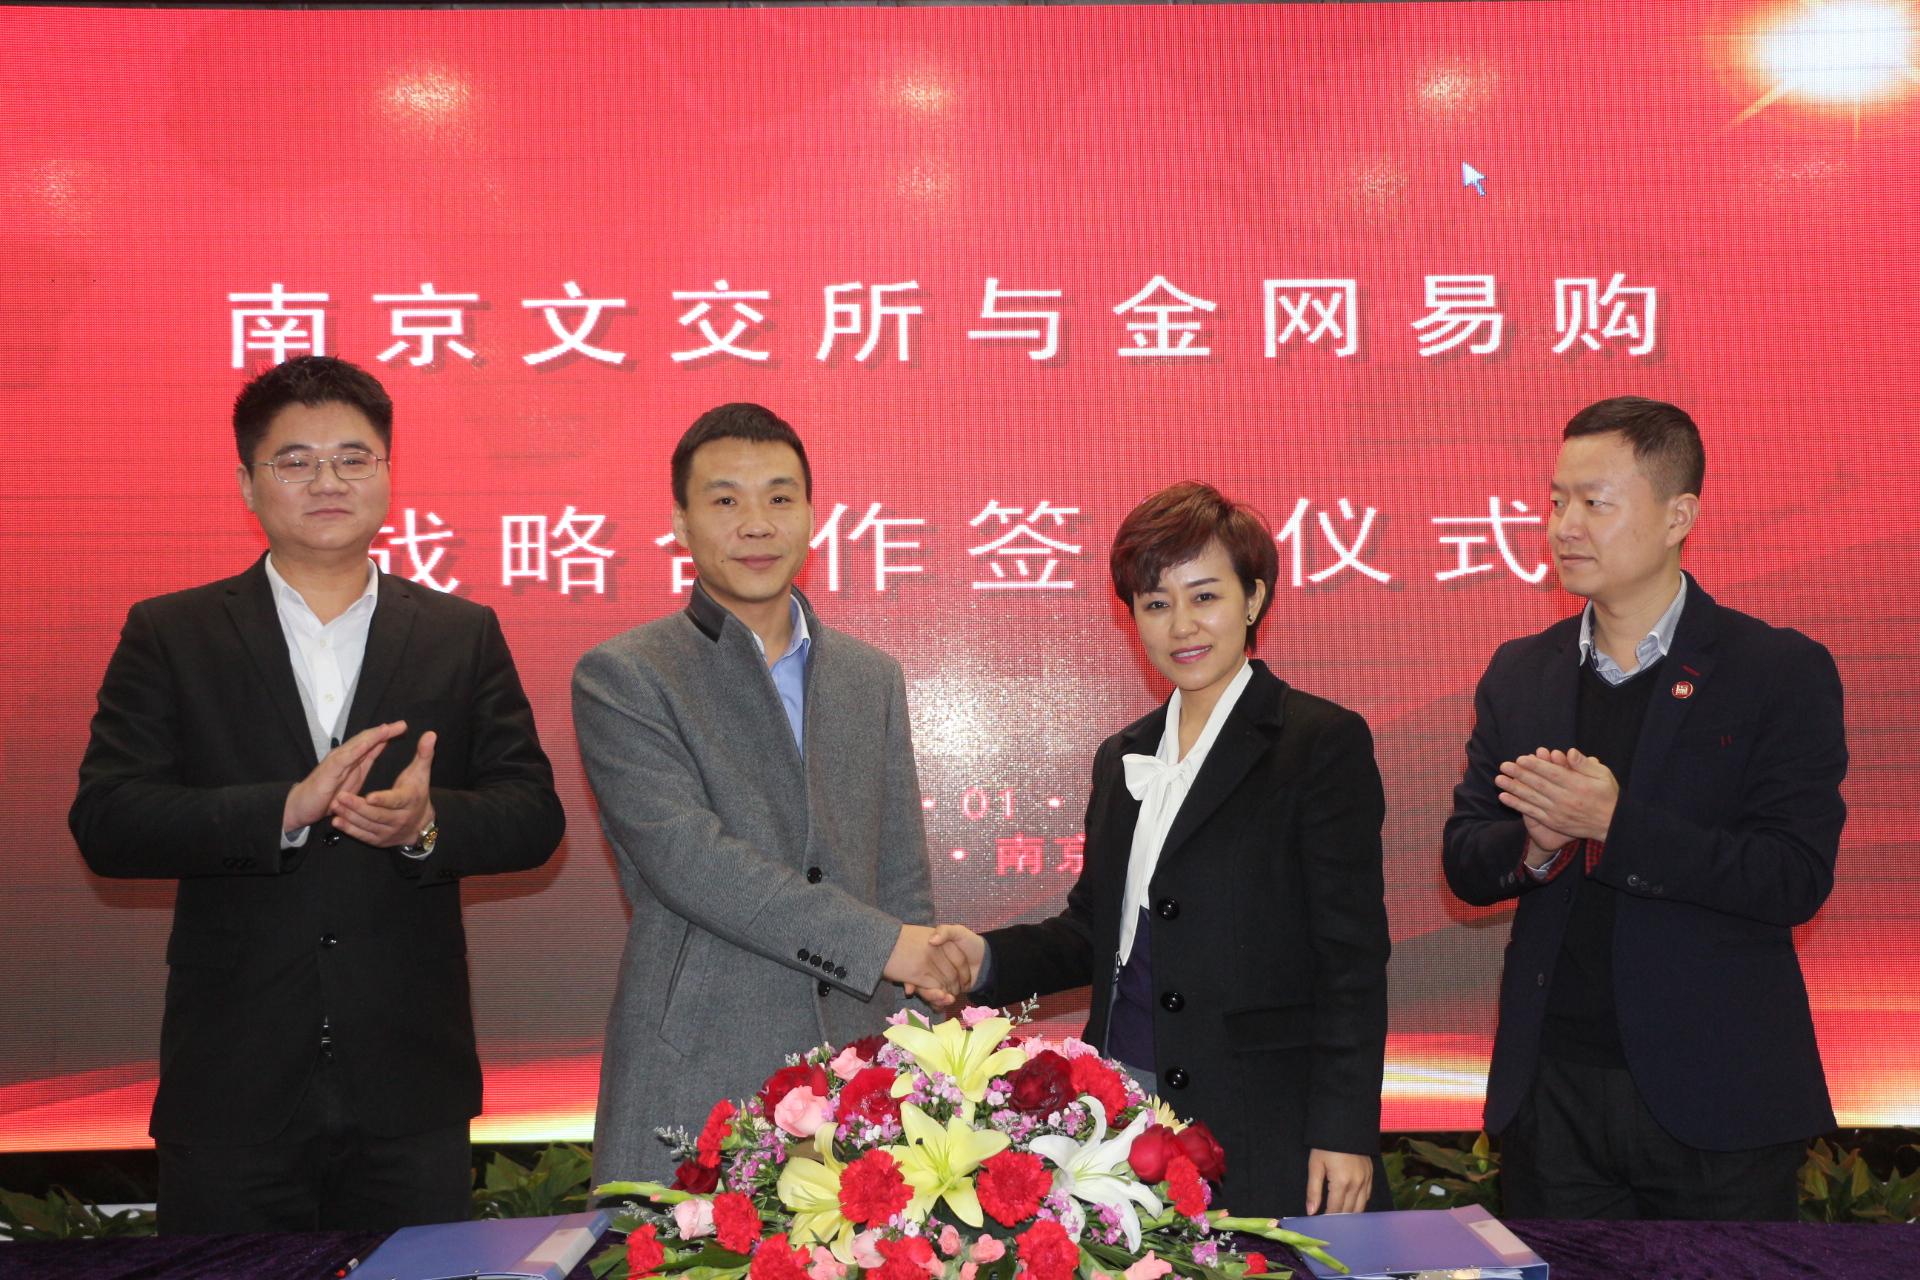 强强合作探索行业新变革――南京文交所与金网易购签署战略合作协